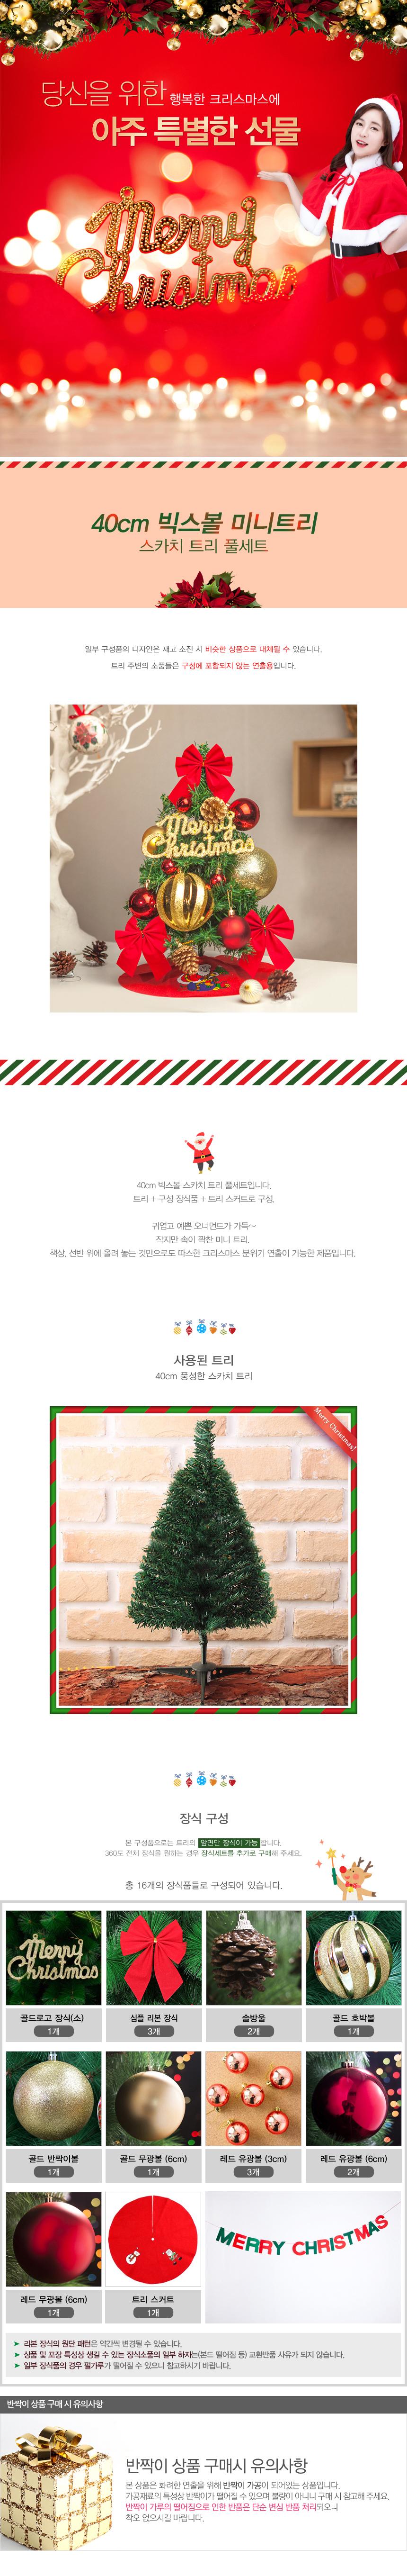 크리스마스 미니트리 풀세트 실내인테리어 - 기프트갓, 8,710원, 트리, 미니트리